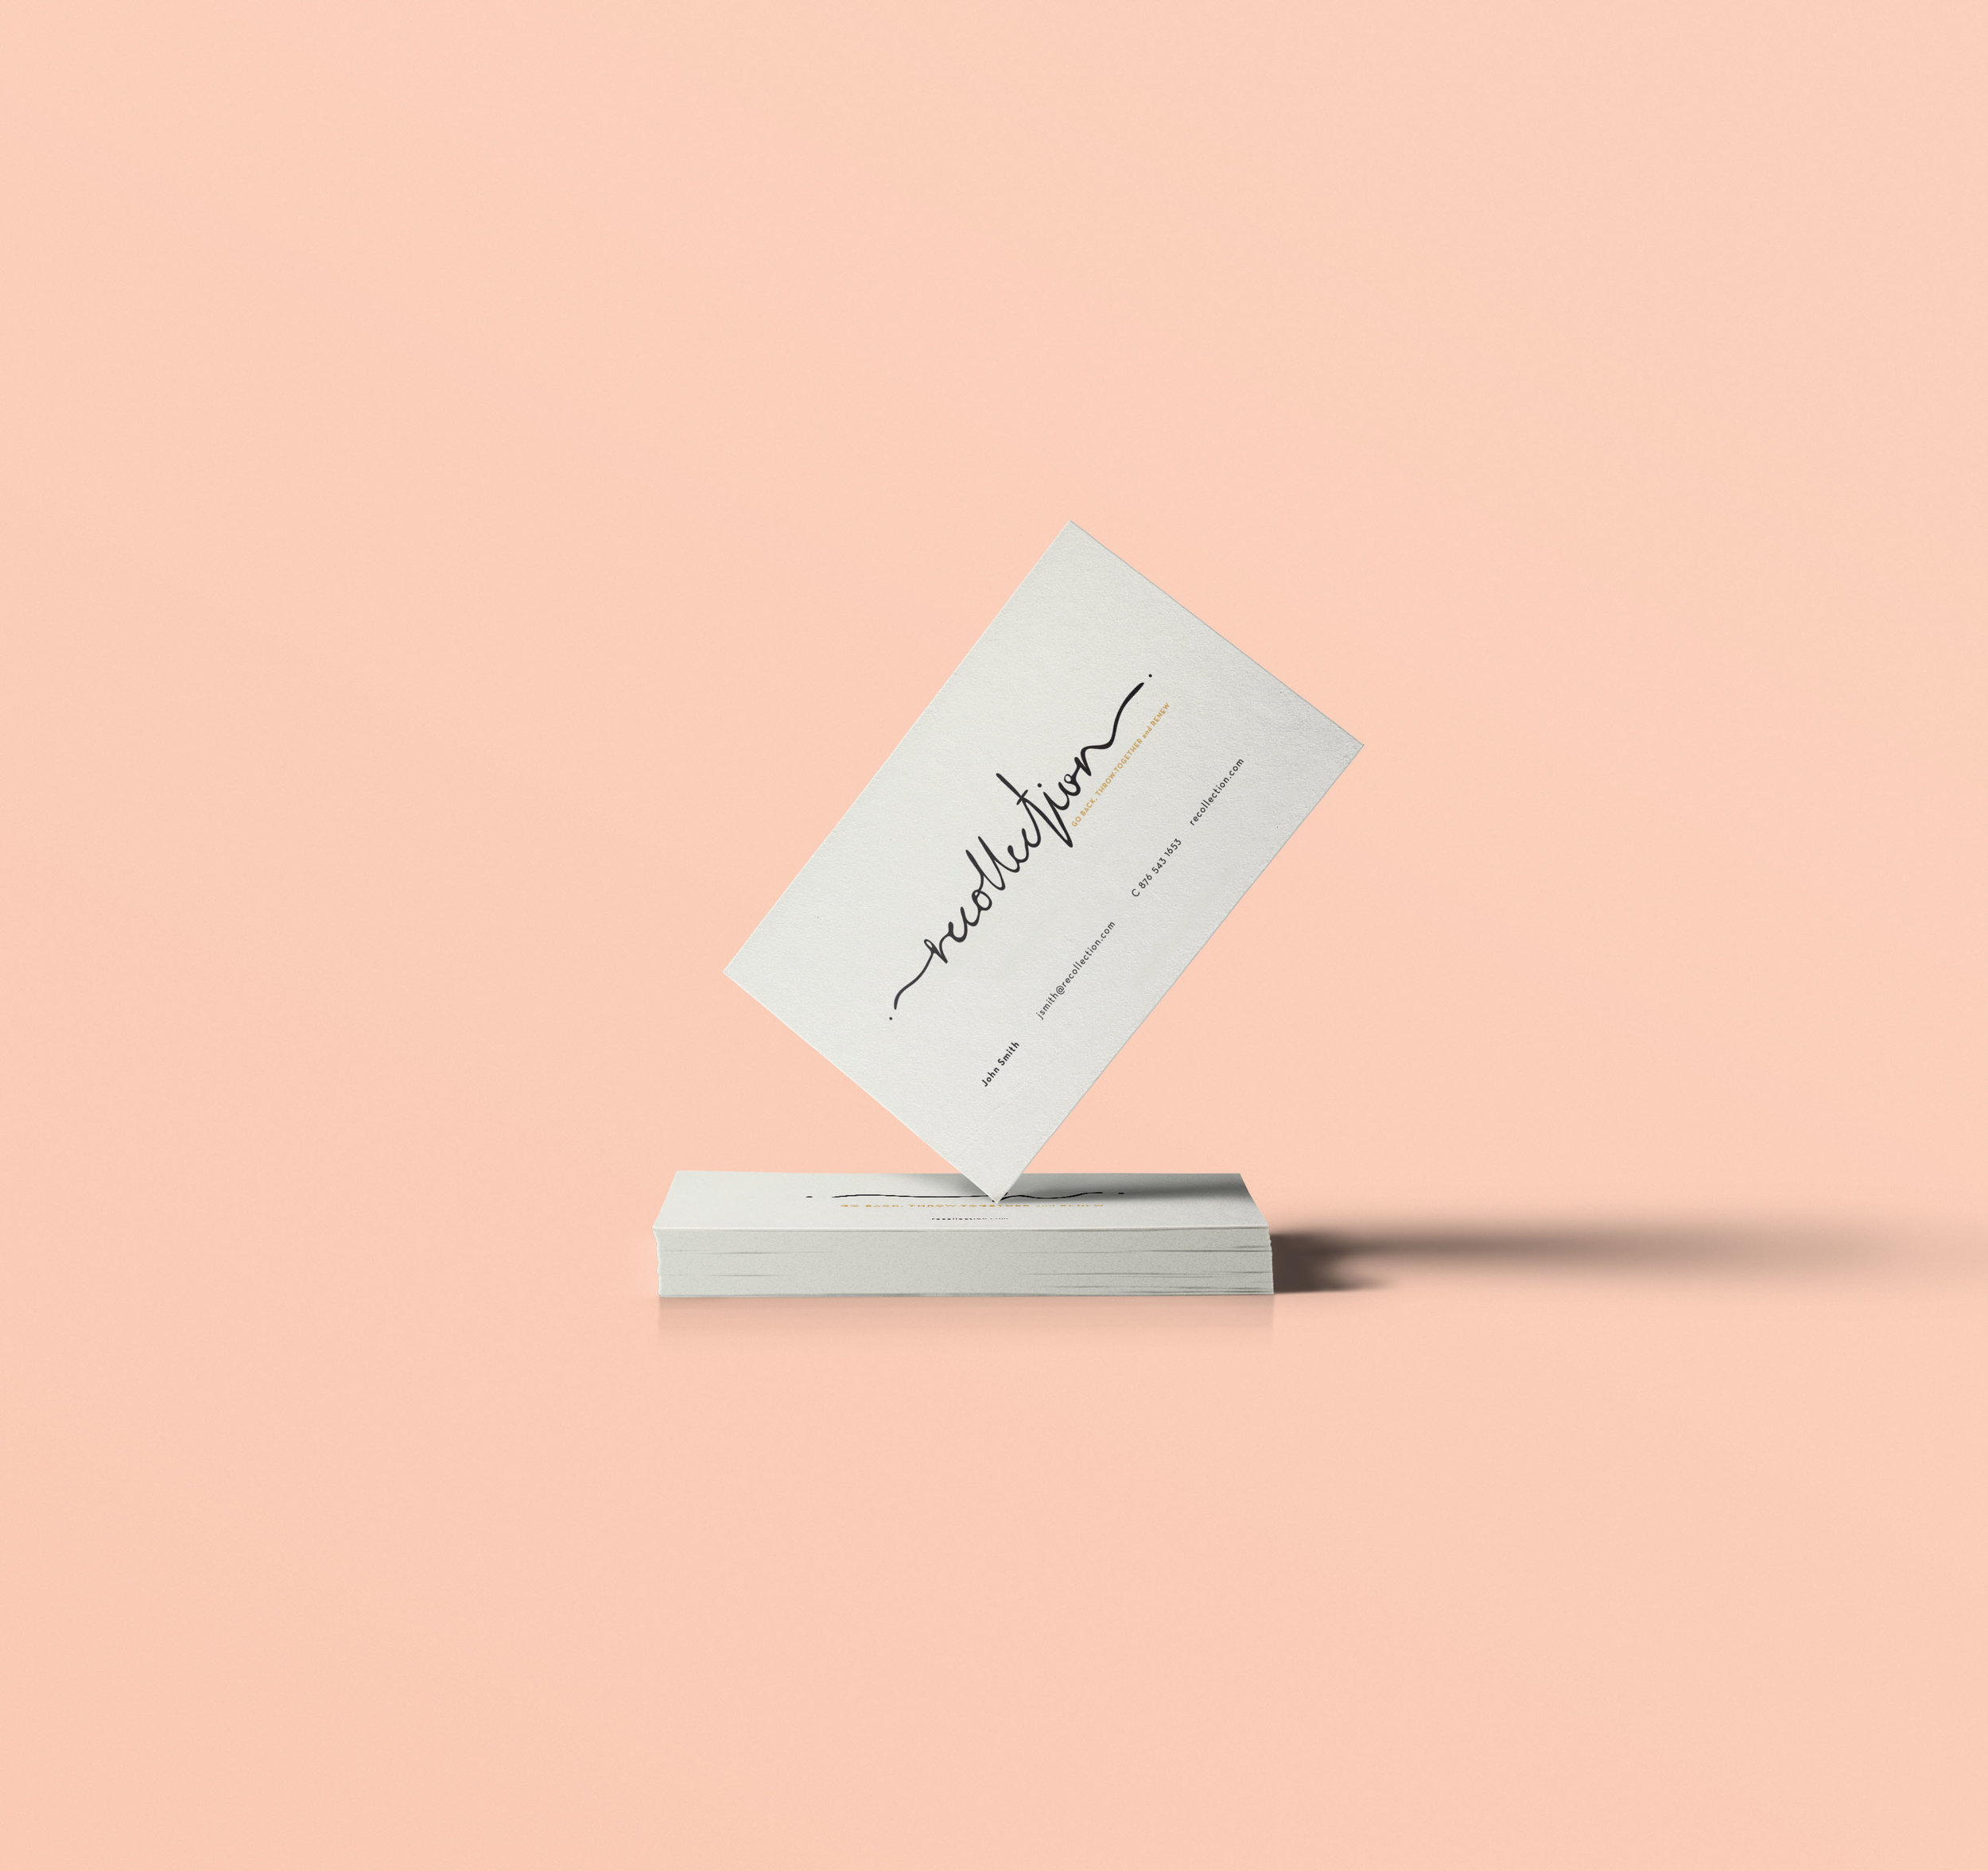 Elegant business cards design